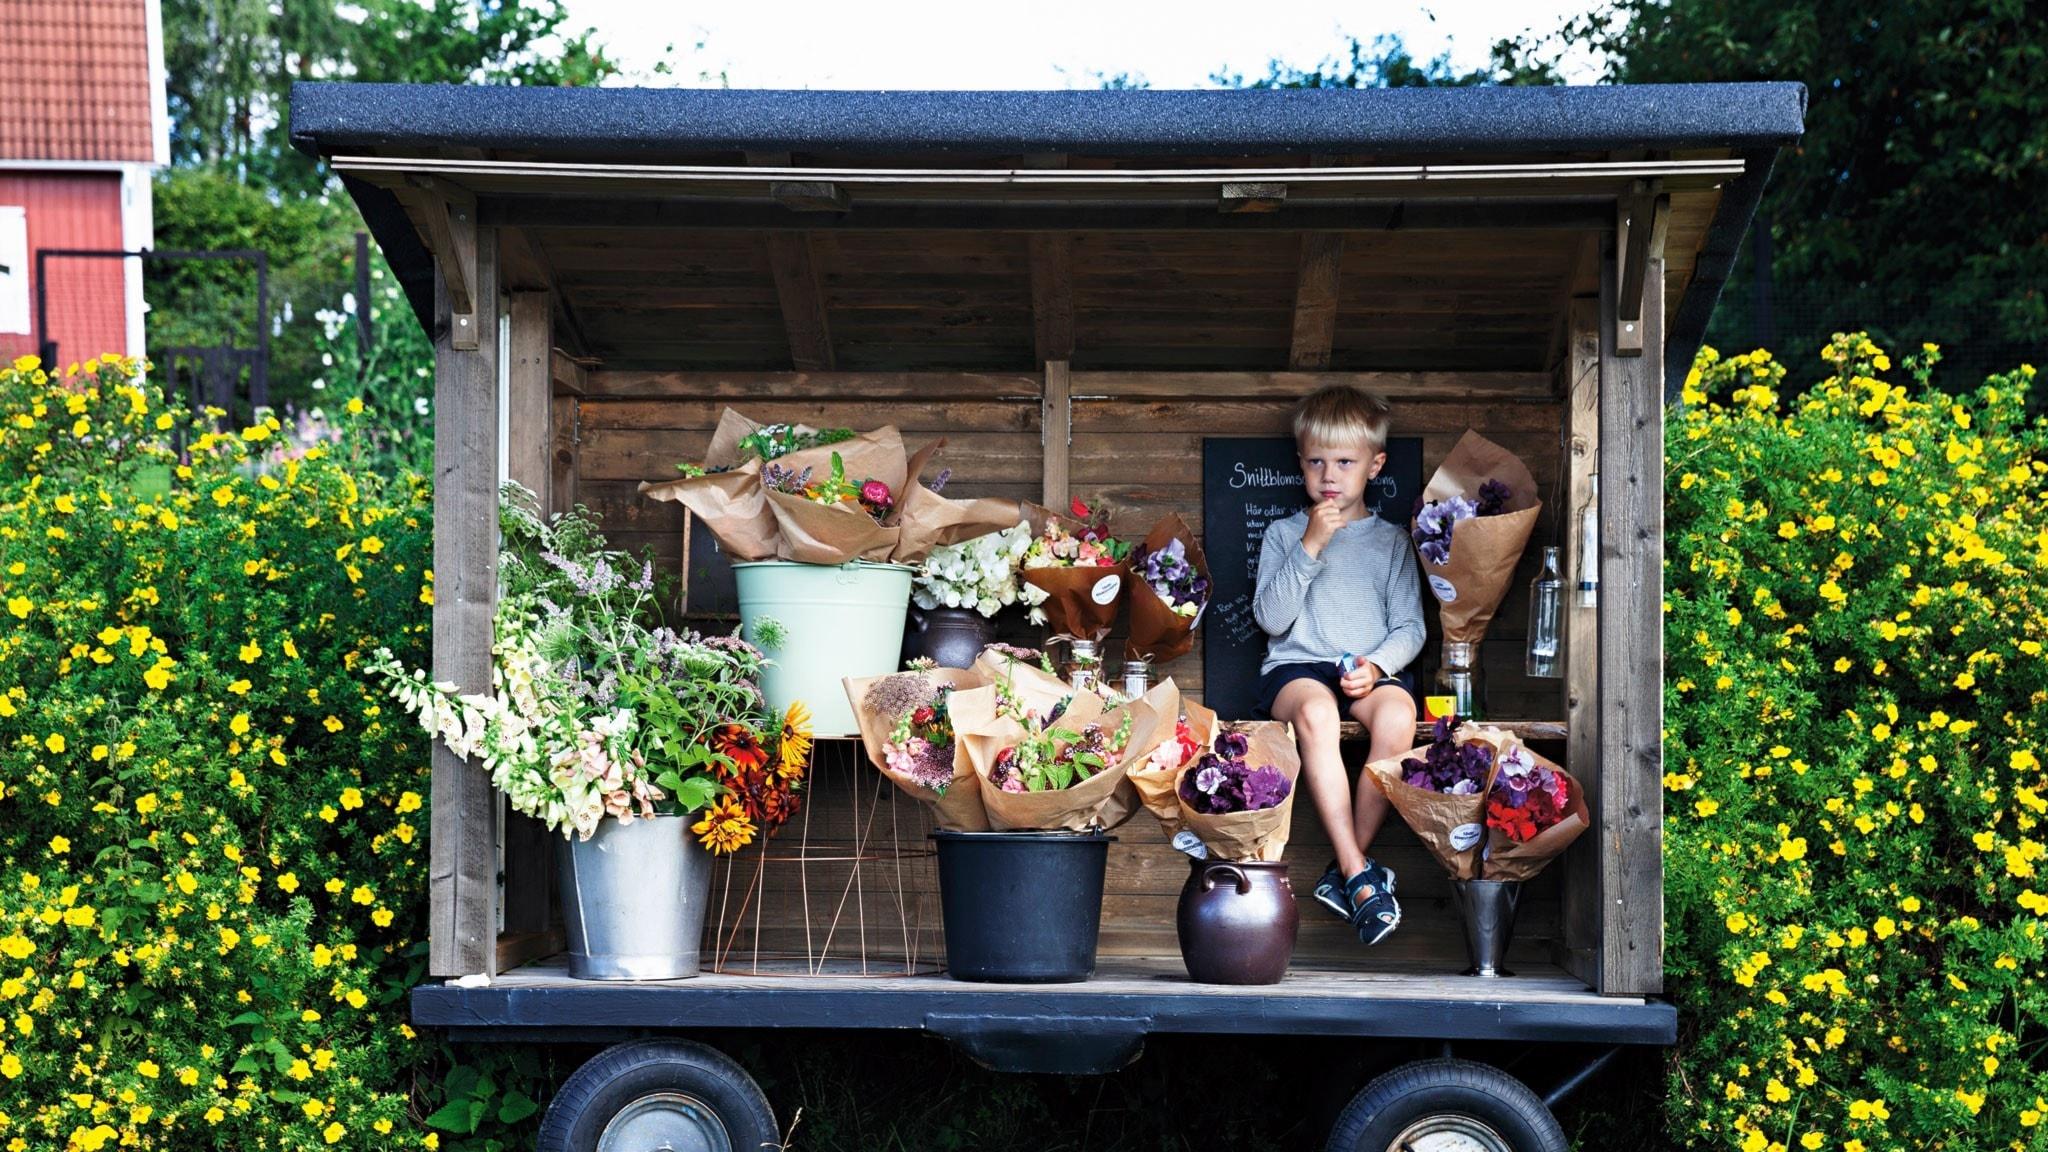 En mobil blomsterkur på hjul fylld av buketter och en liten pojke som sitter inuti.